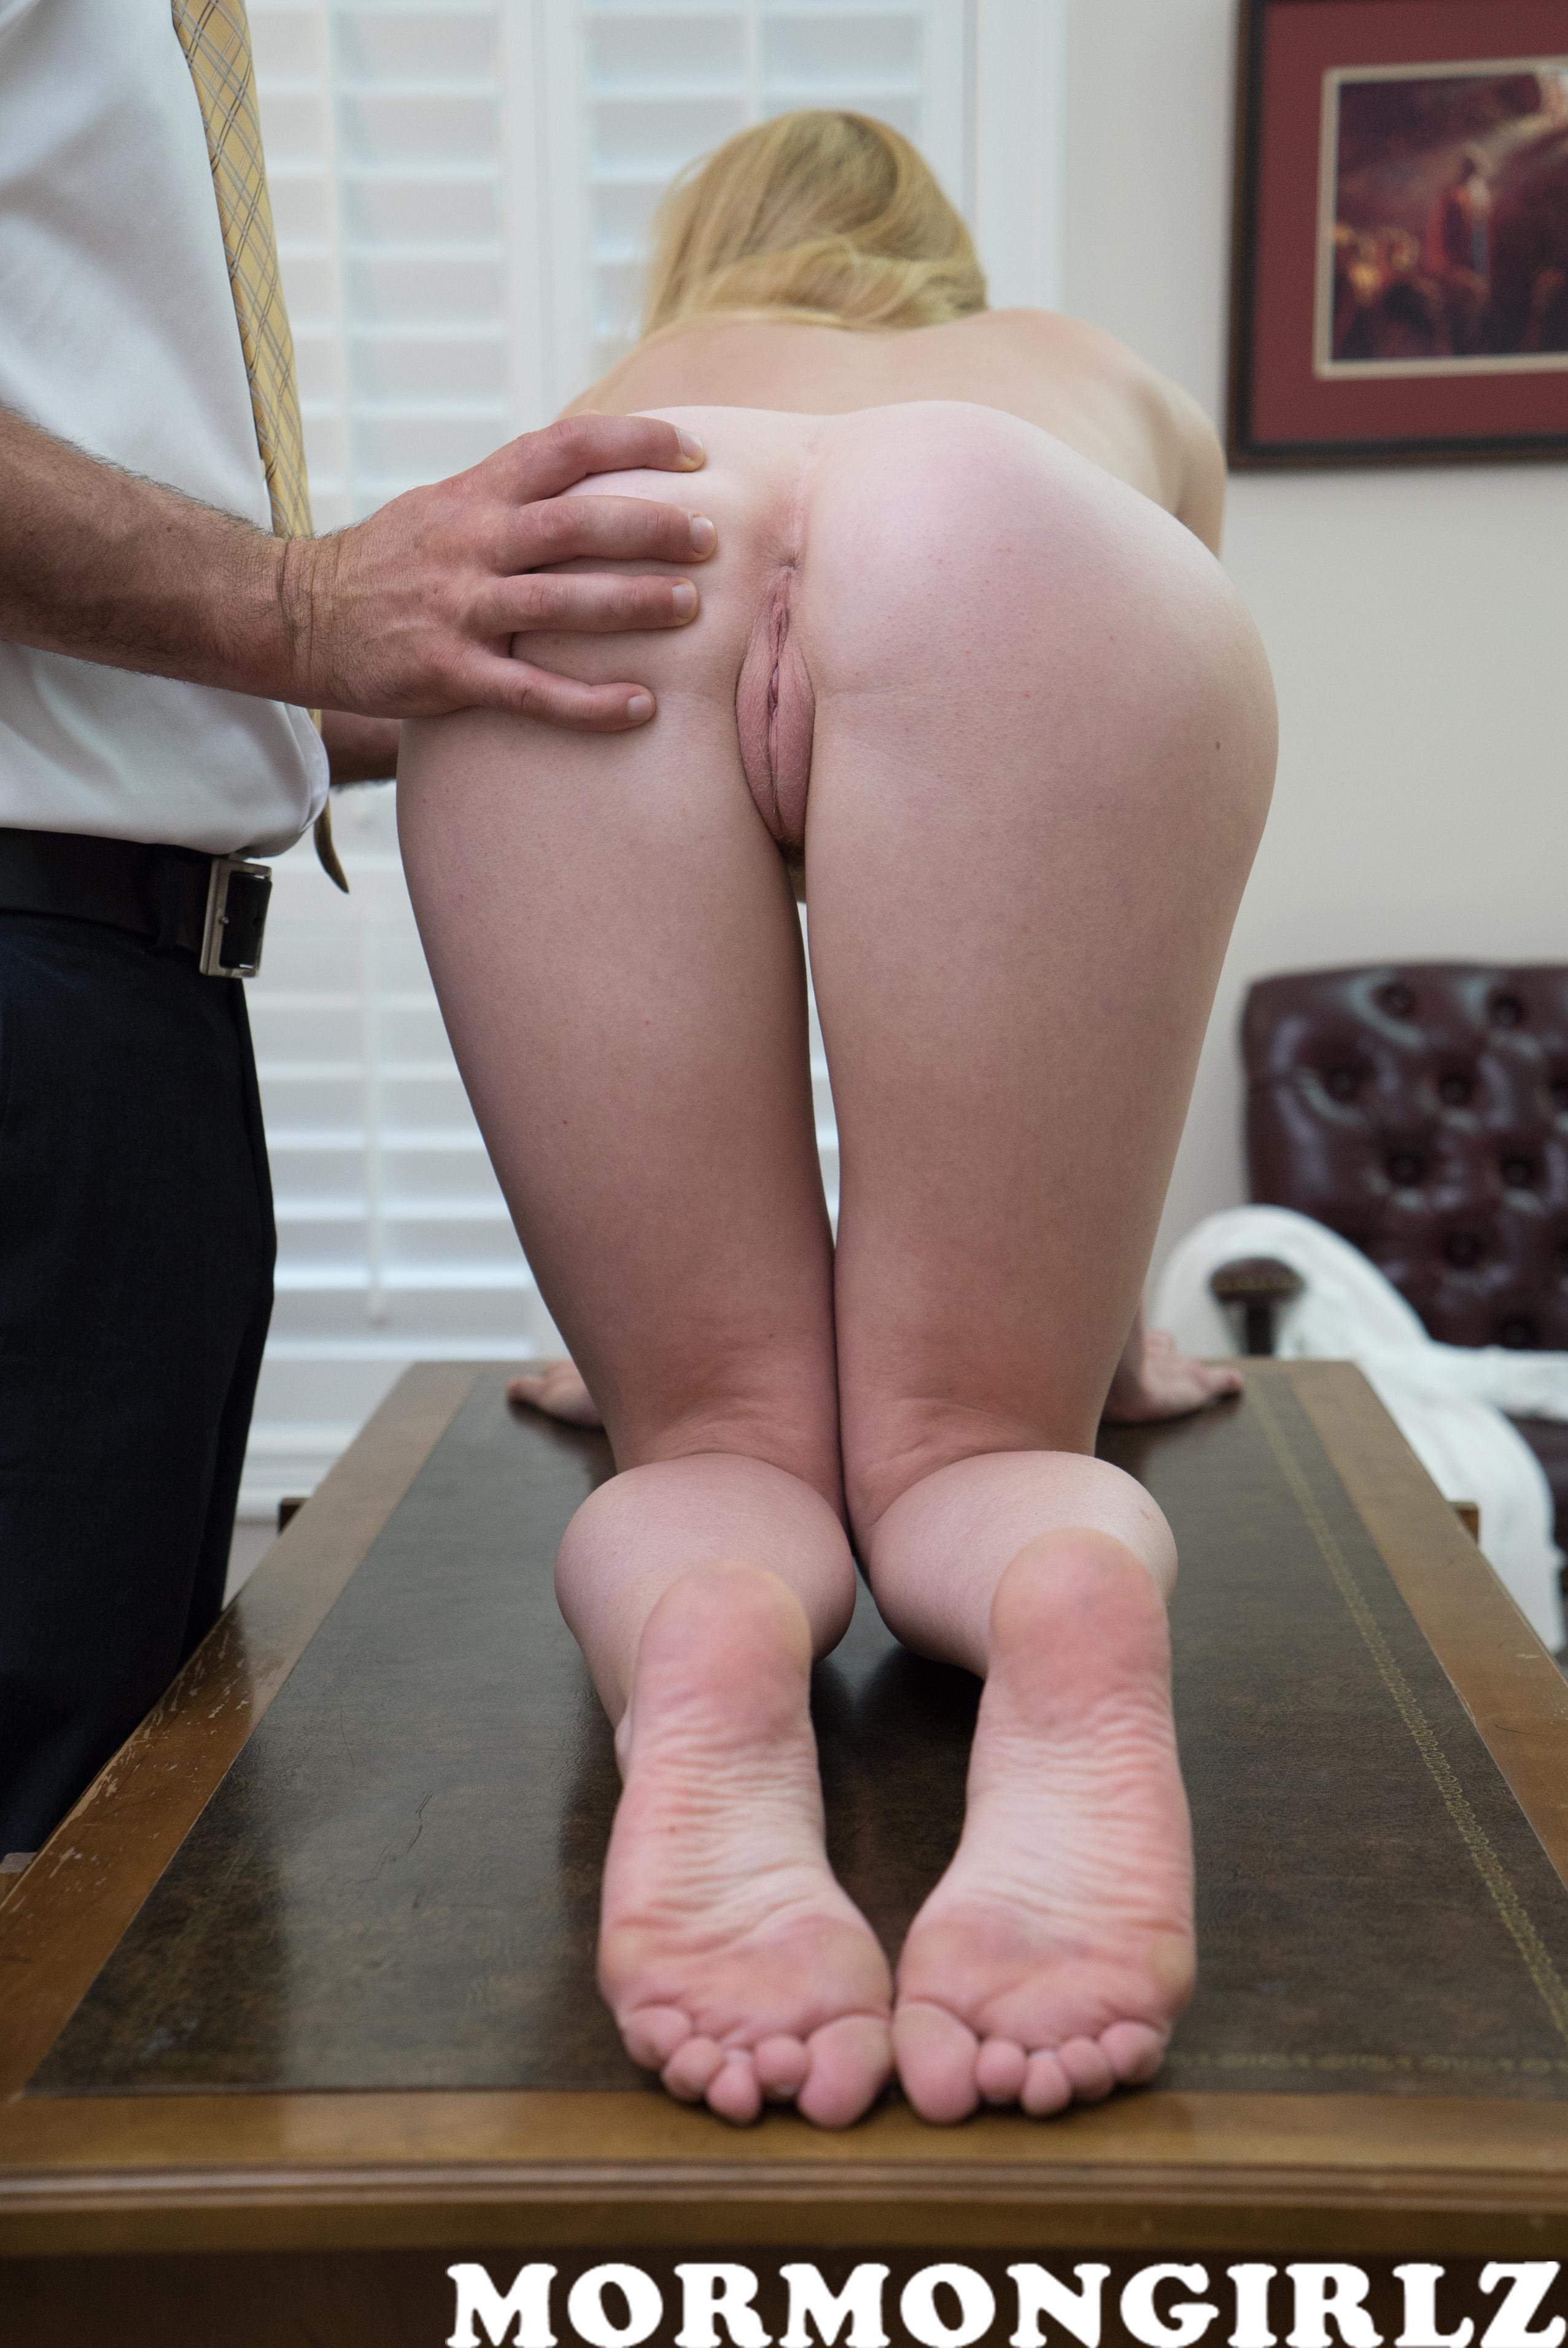 mormongirlz_70a_03